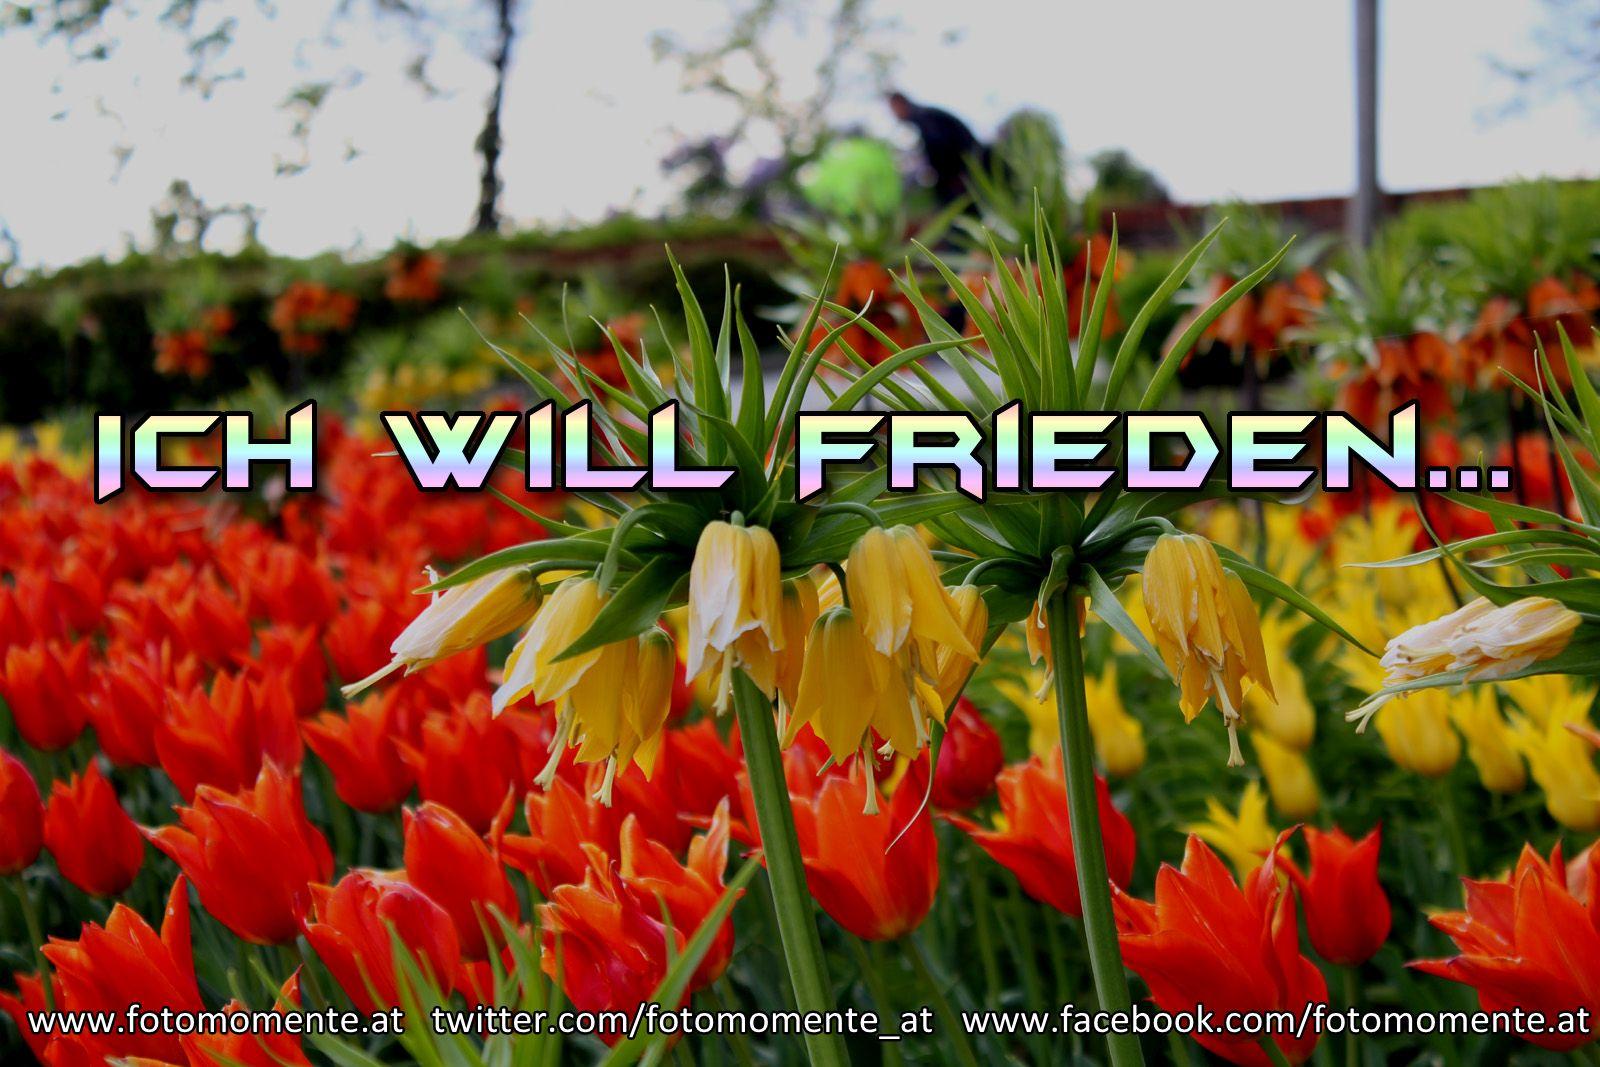 ich will frieden - Ich will Frieden